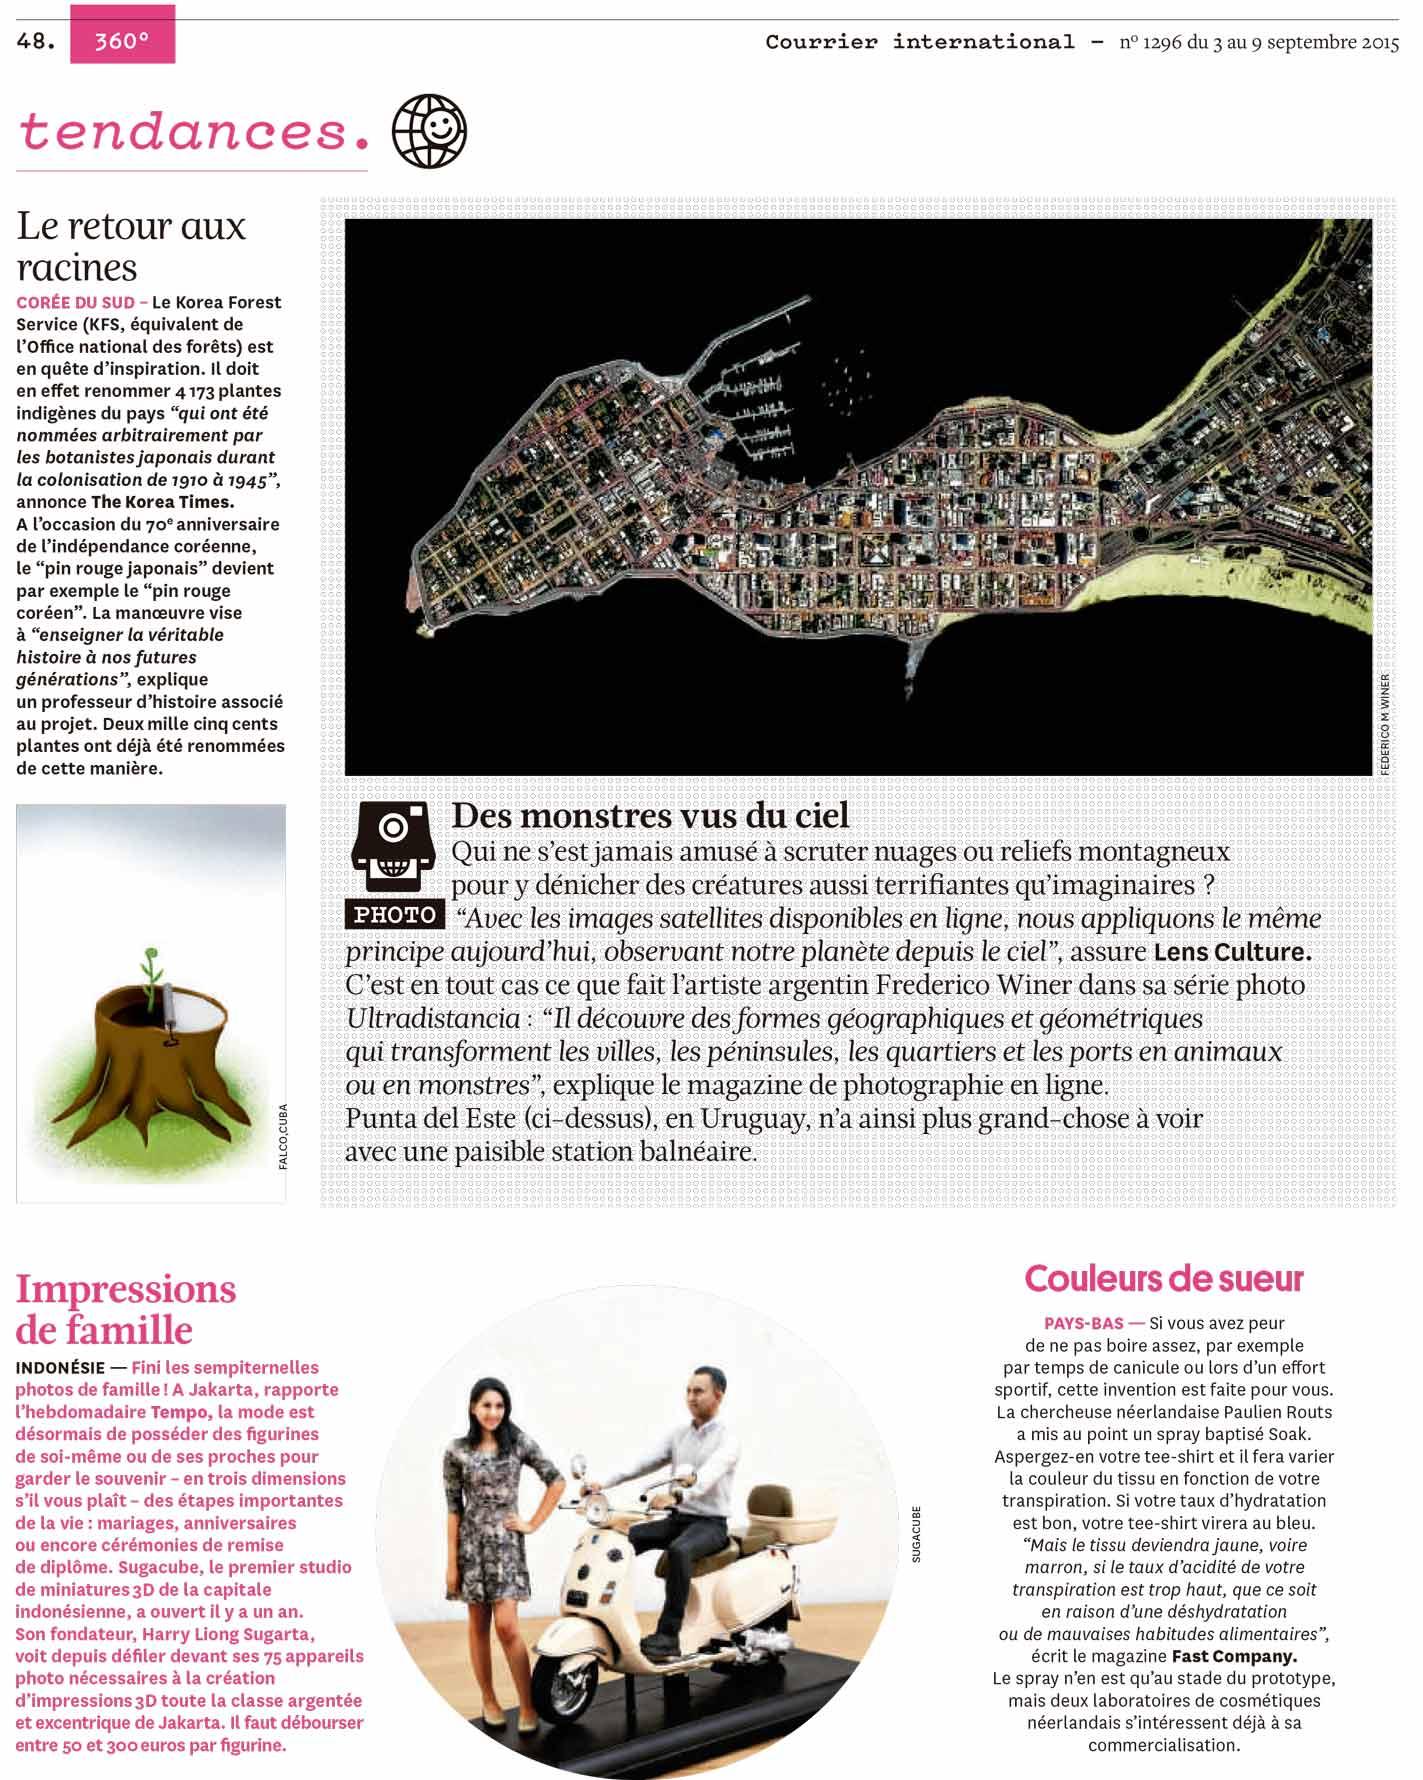 Courrier International - FR